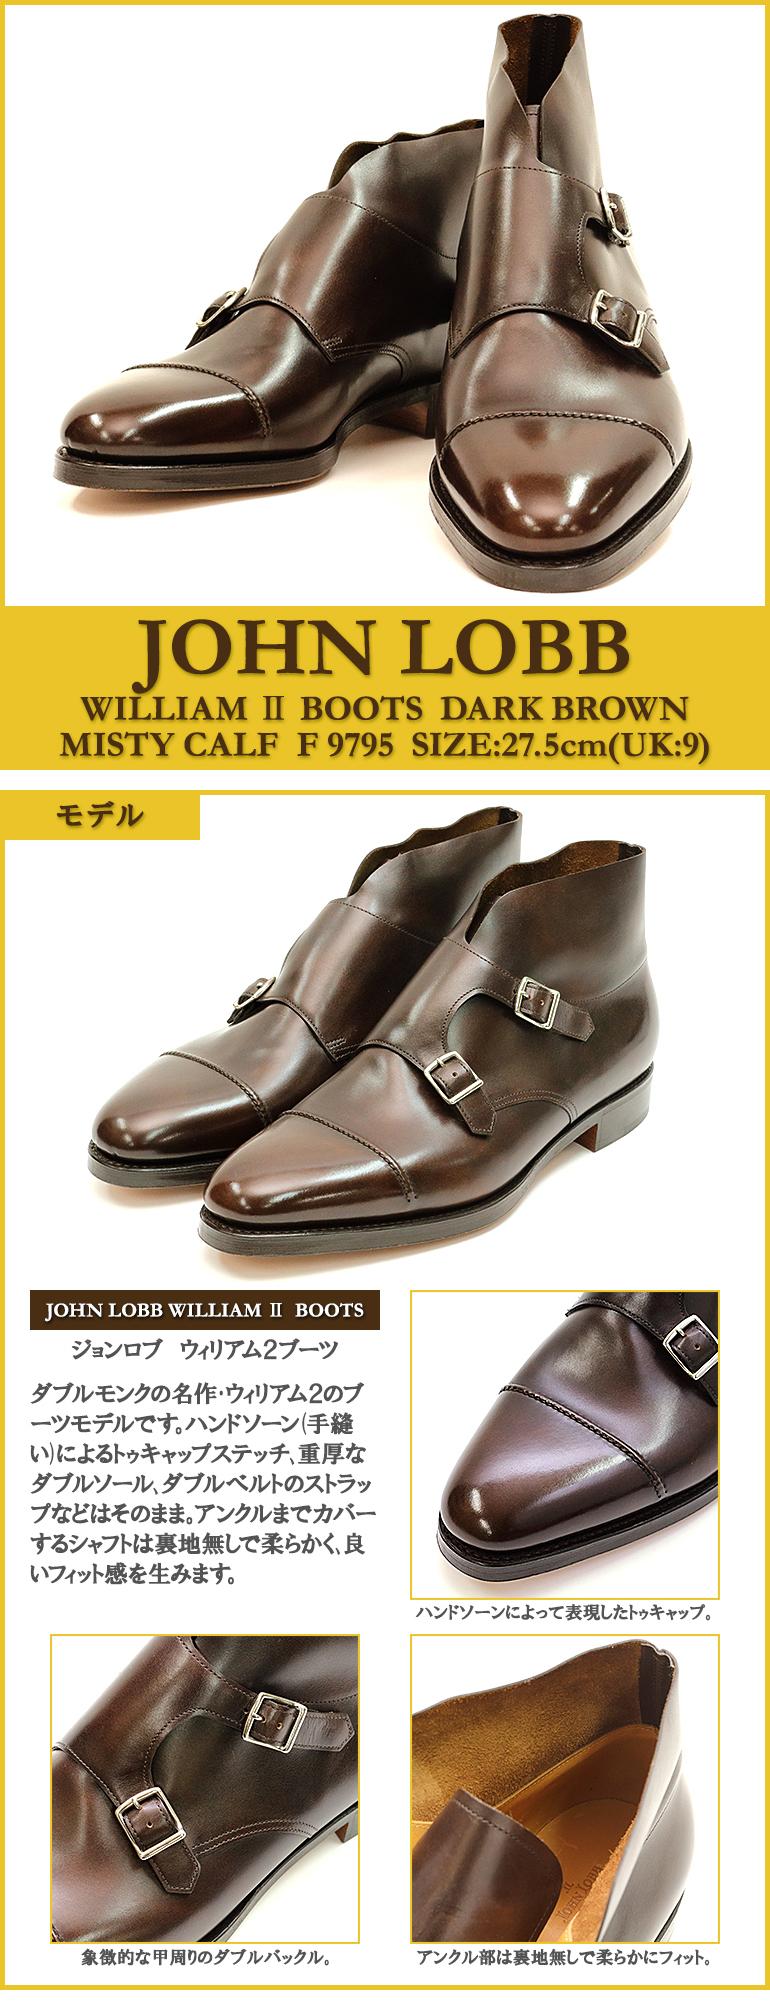 ジョンロブ ウィリアム2ブーツ ダブルモンクストラップ(JOHN LOBB WILLIAM2 BOOTS DARK BROWN MISTY CALF F9795 UK9) モデル紹介